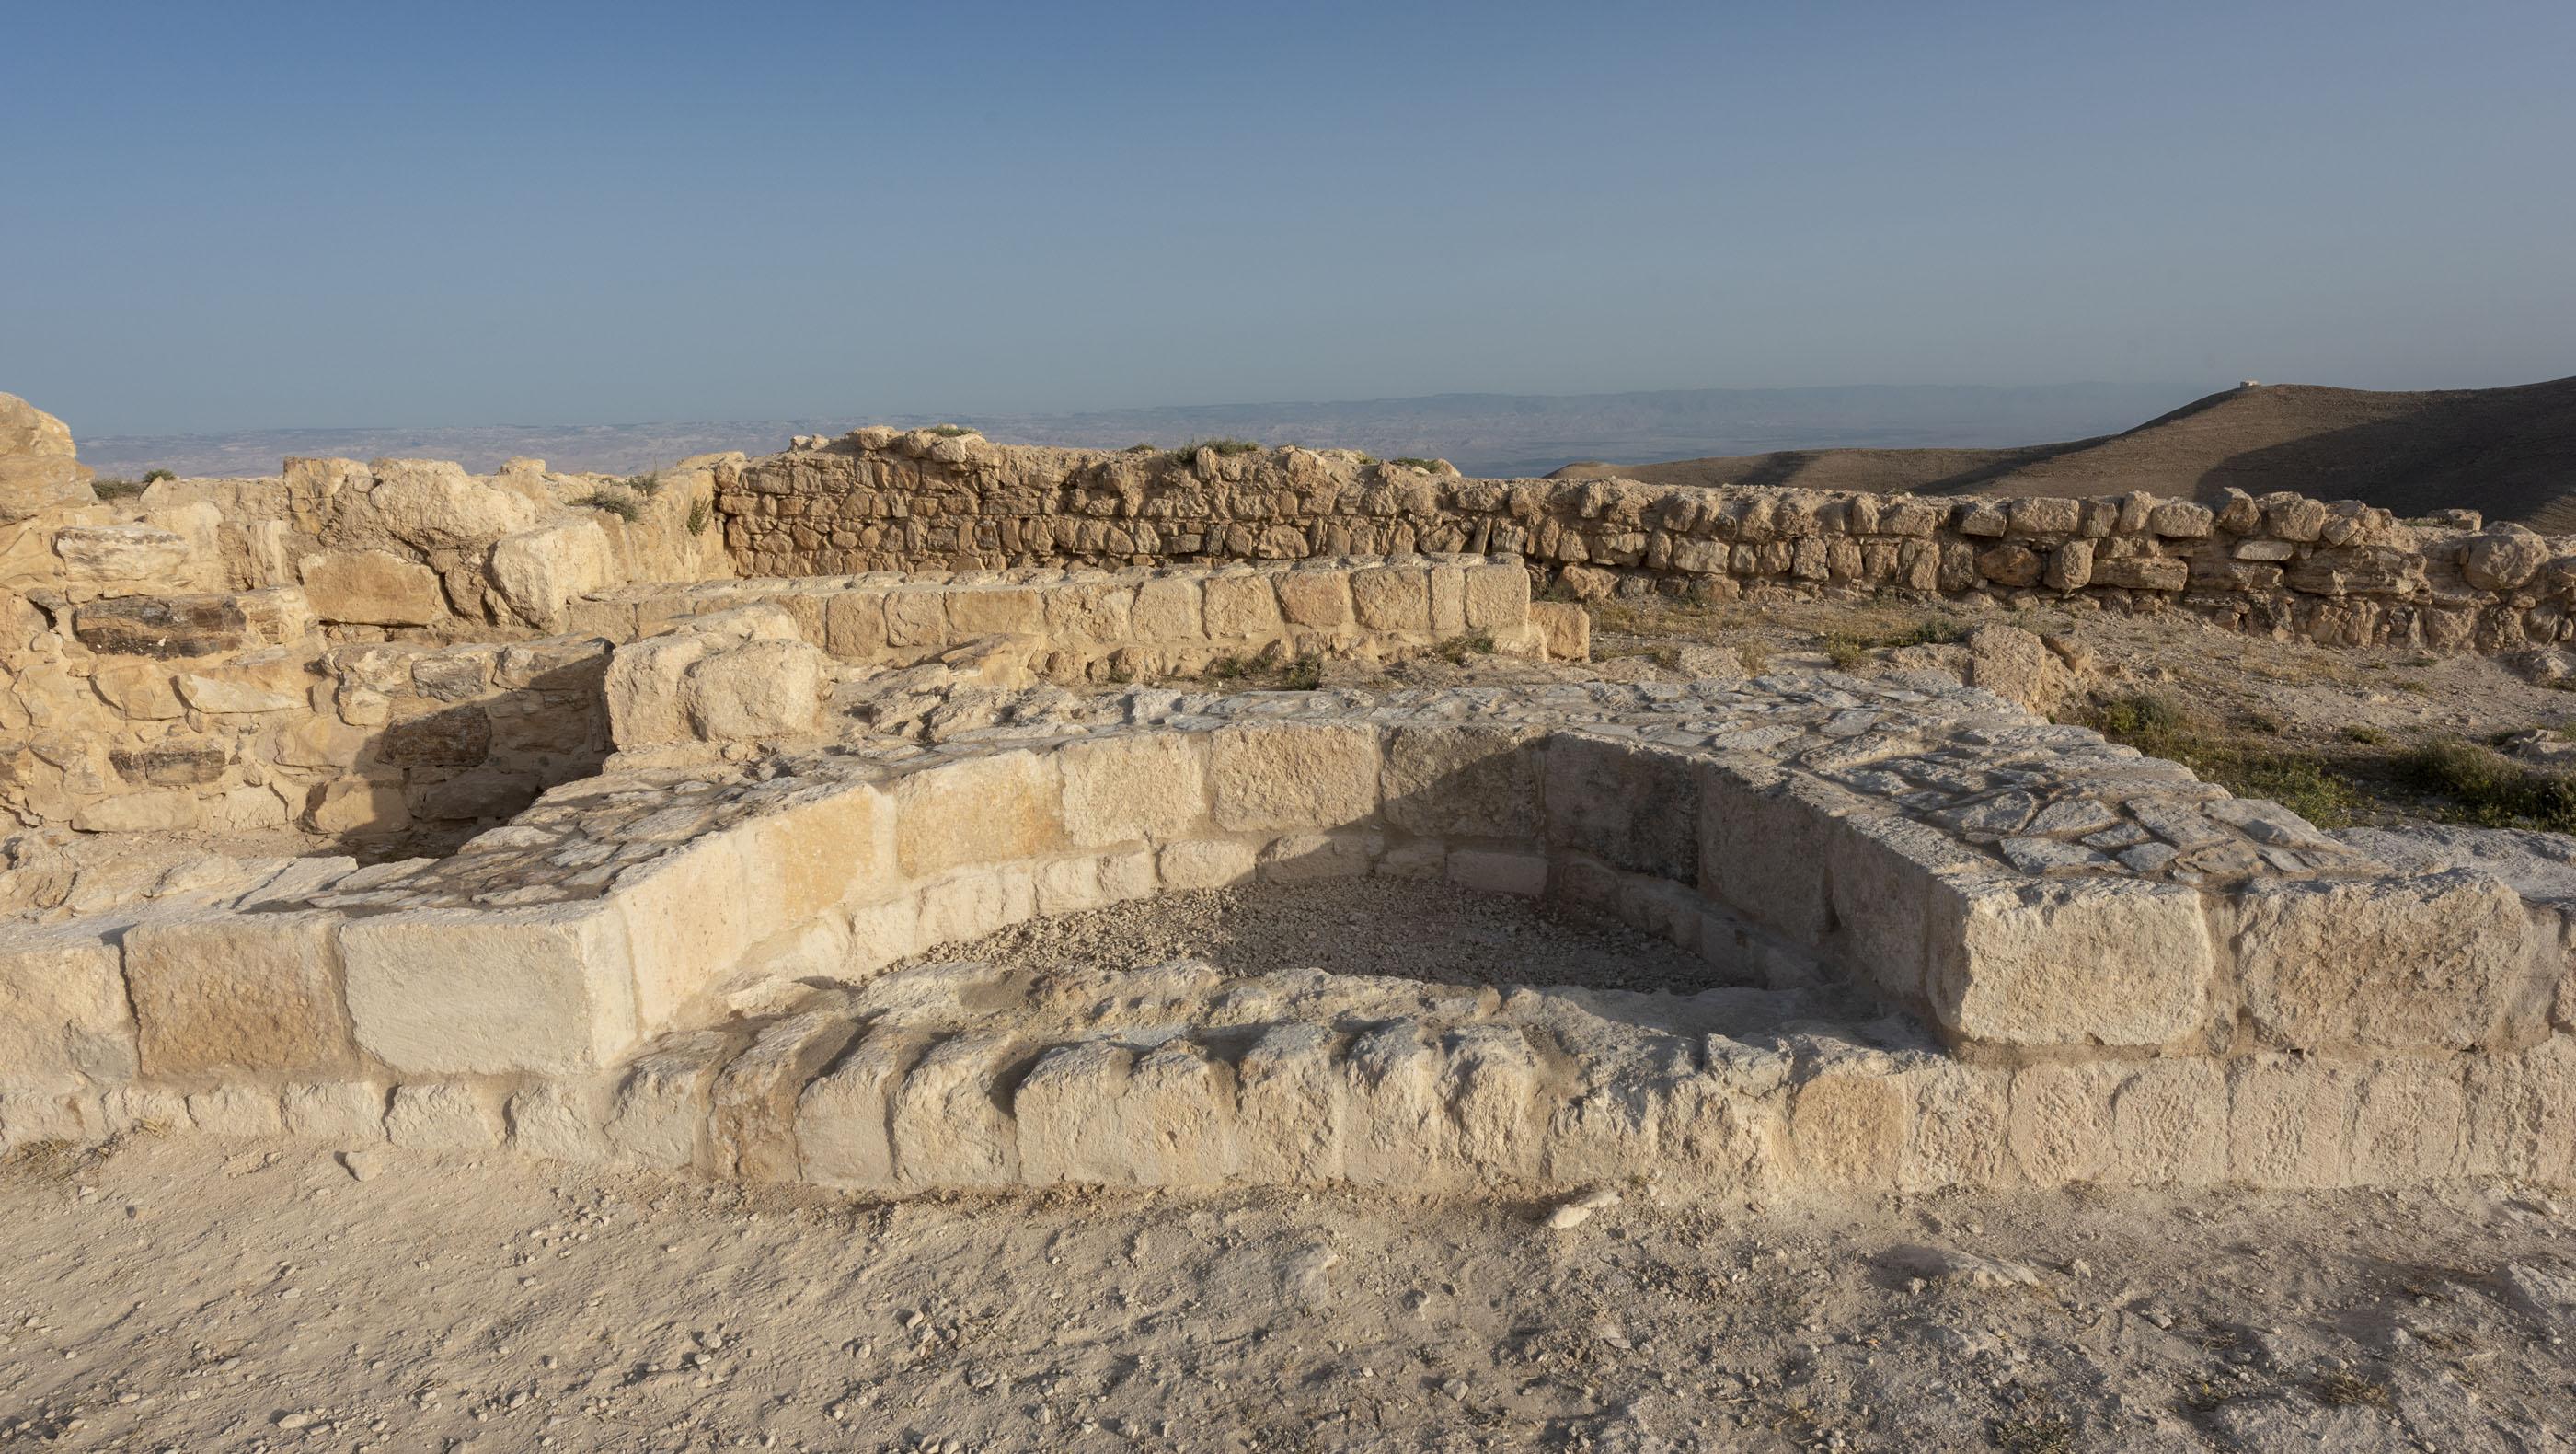 Les archéologues pensent que cette niche représente les restes du trône d'Hérode Antipas.  De là, la décision d'exécuter Jean-Baptiste peut avoir été prise.